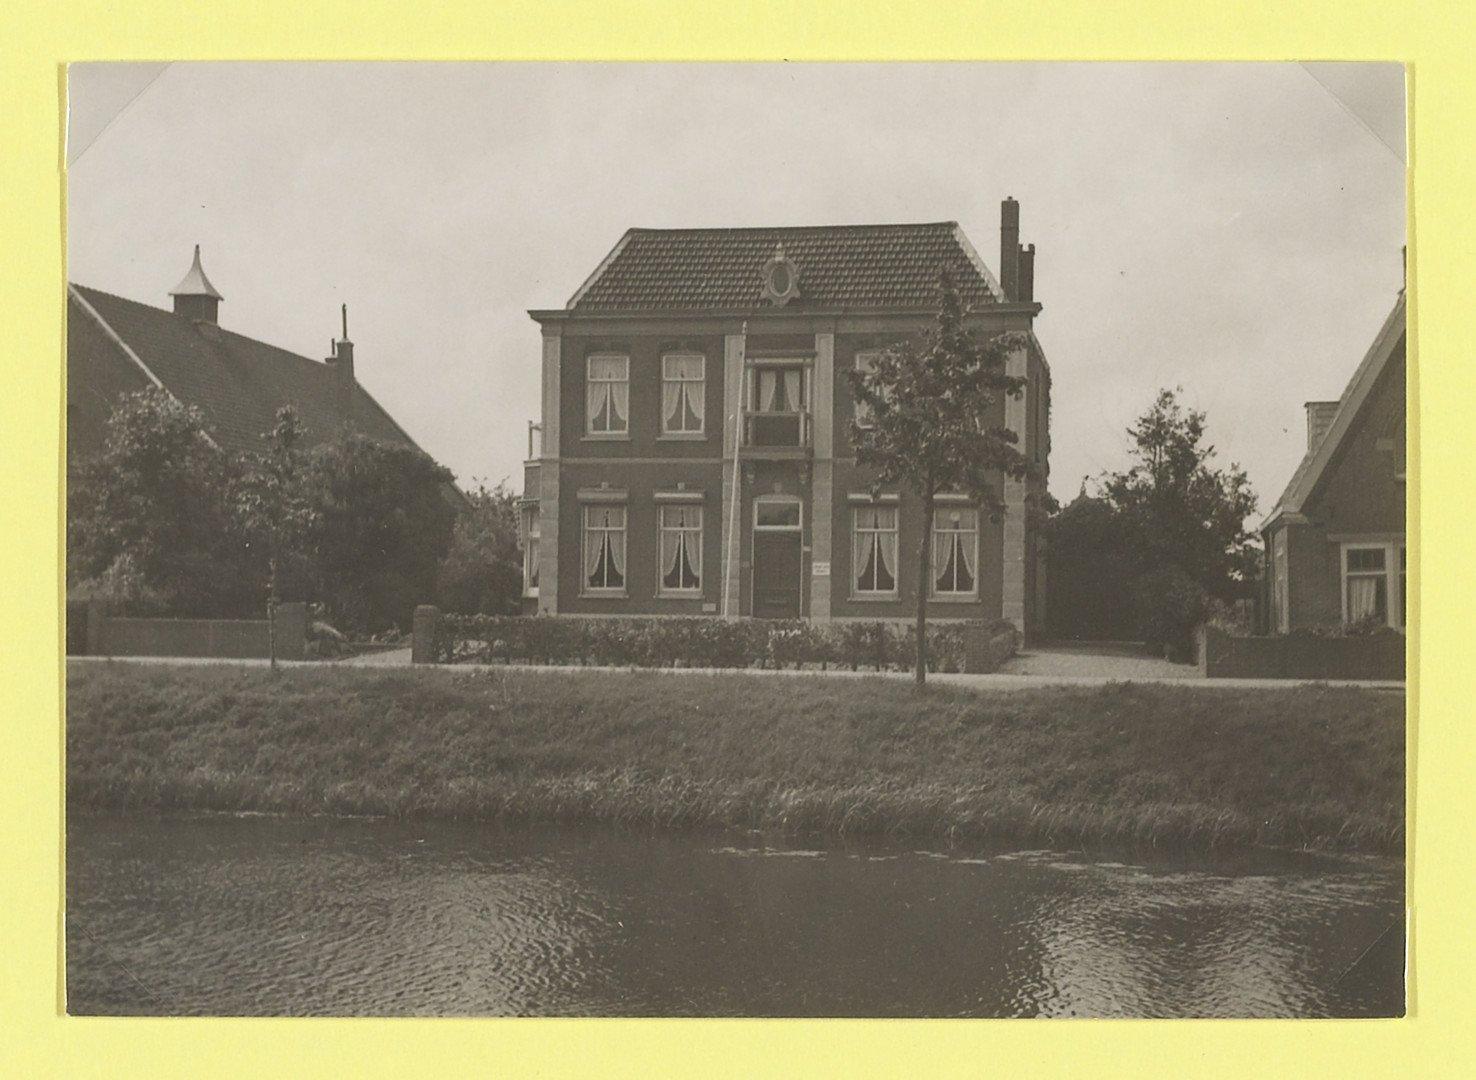 Oneindig noord holland notariswoning hoofddorp herinnert aan tijd